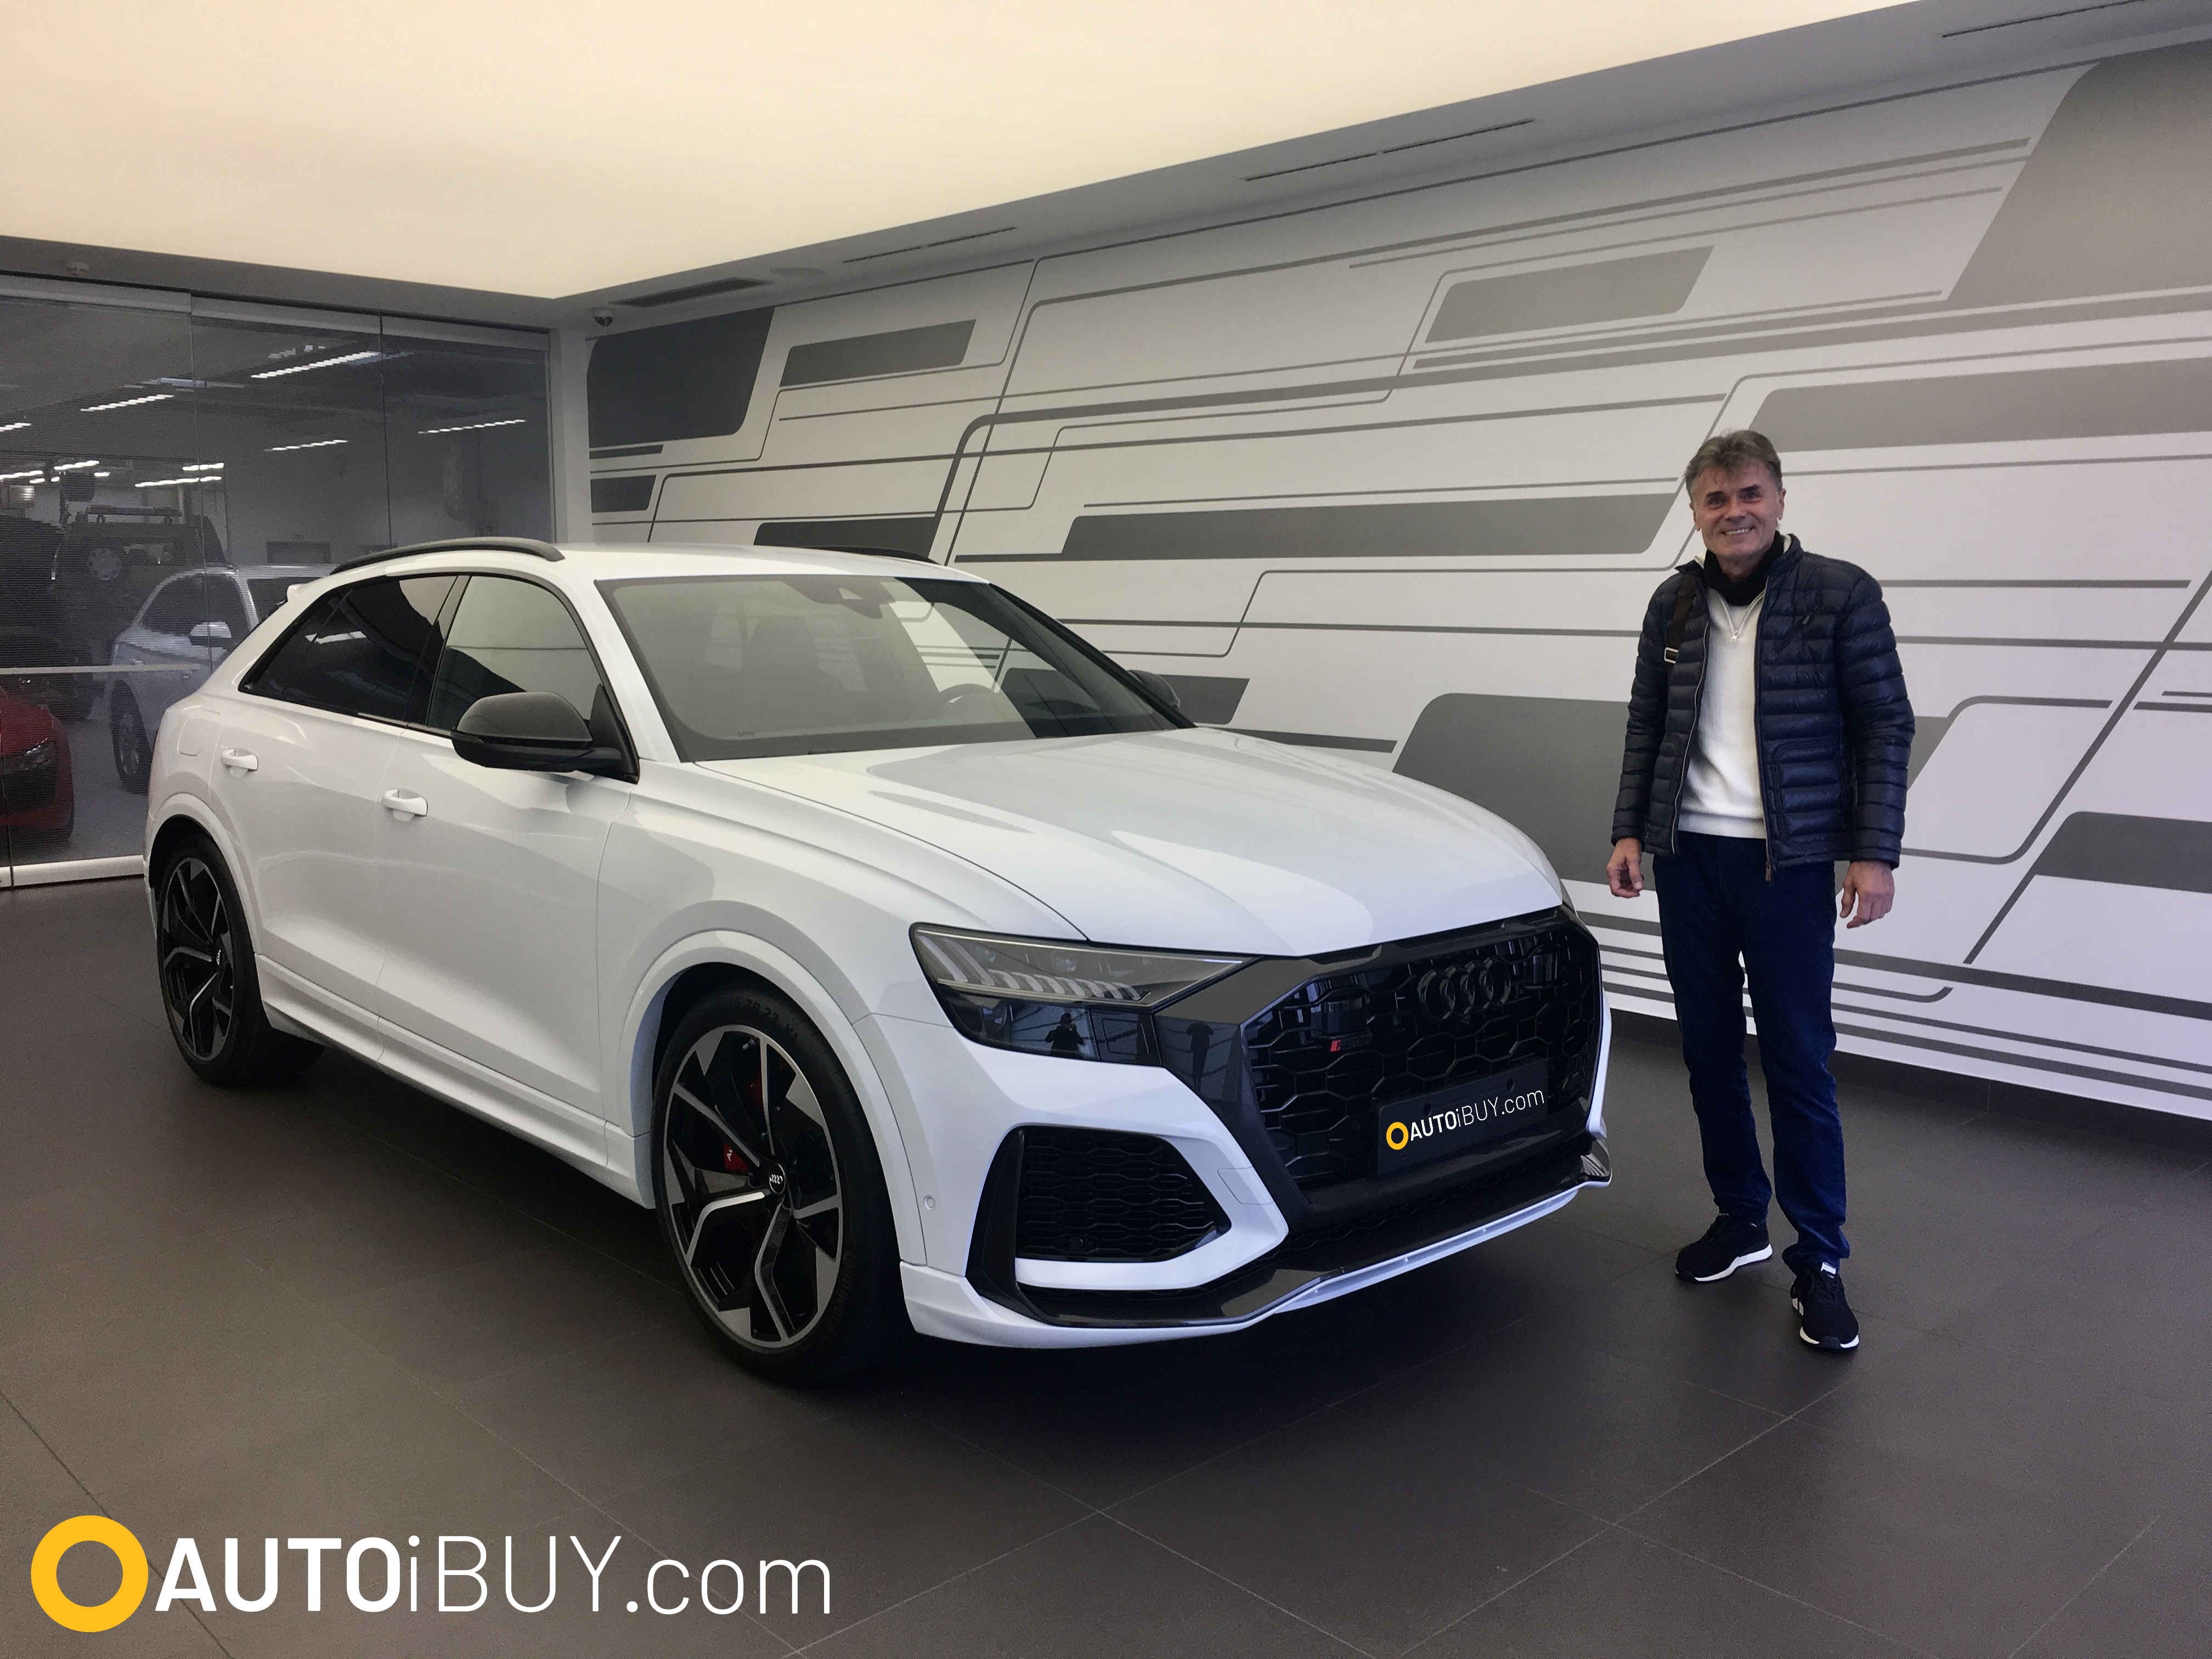 AUDI RSQ8 | nové auto skladem | fotka z předání klientovi | reference | supersportovní SUV Coupé | V8 biturbo 600 koní